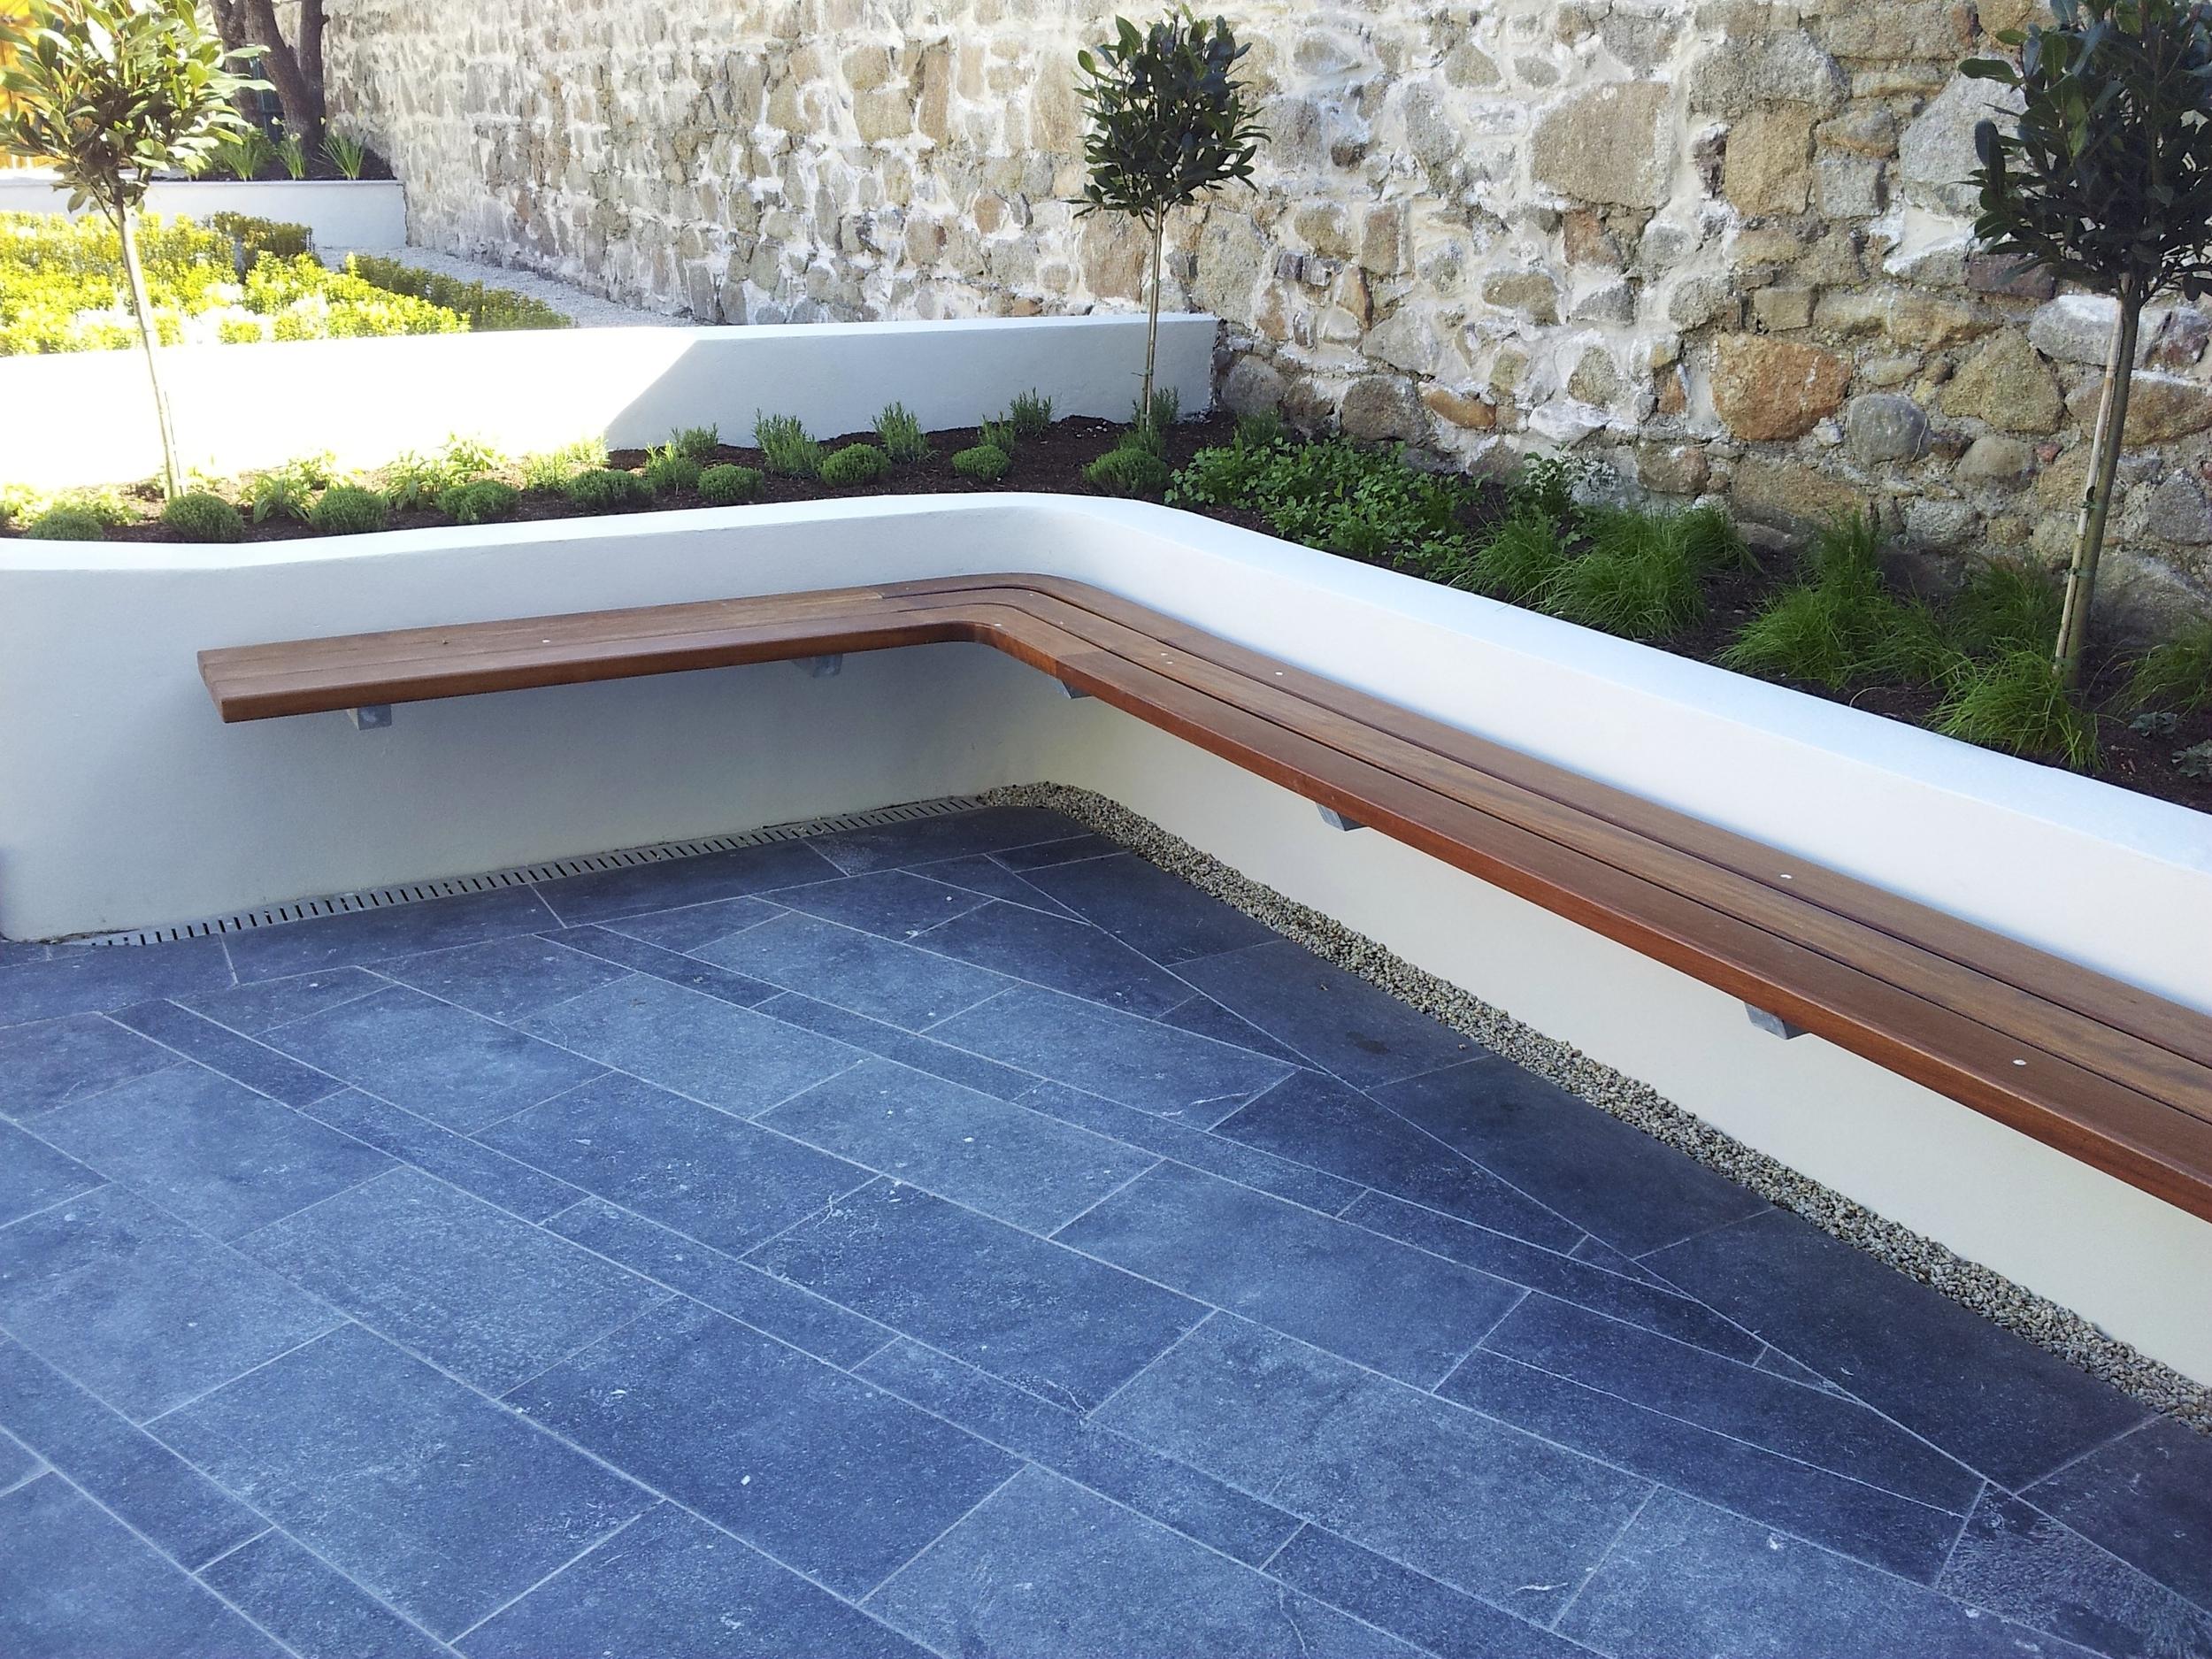 Lower Patio Terrace